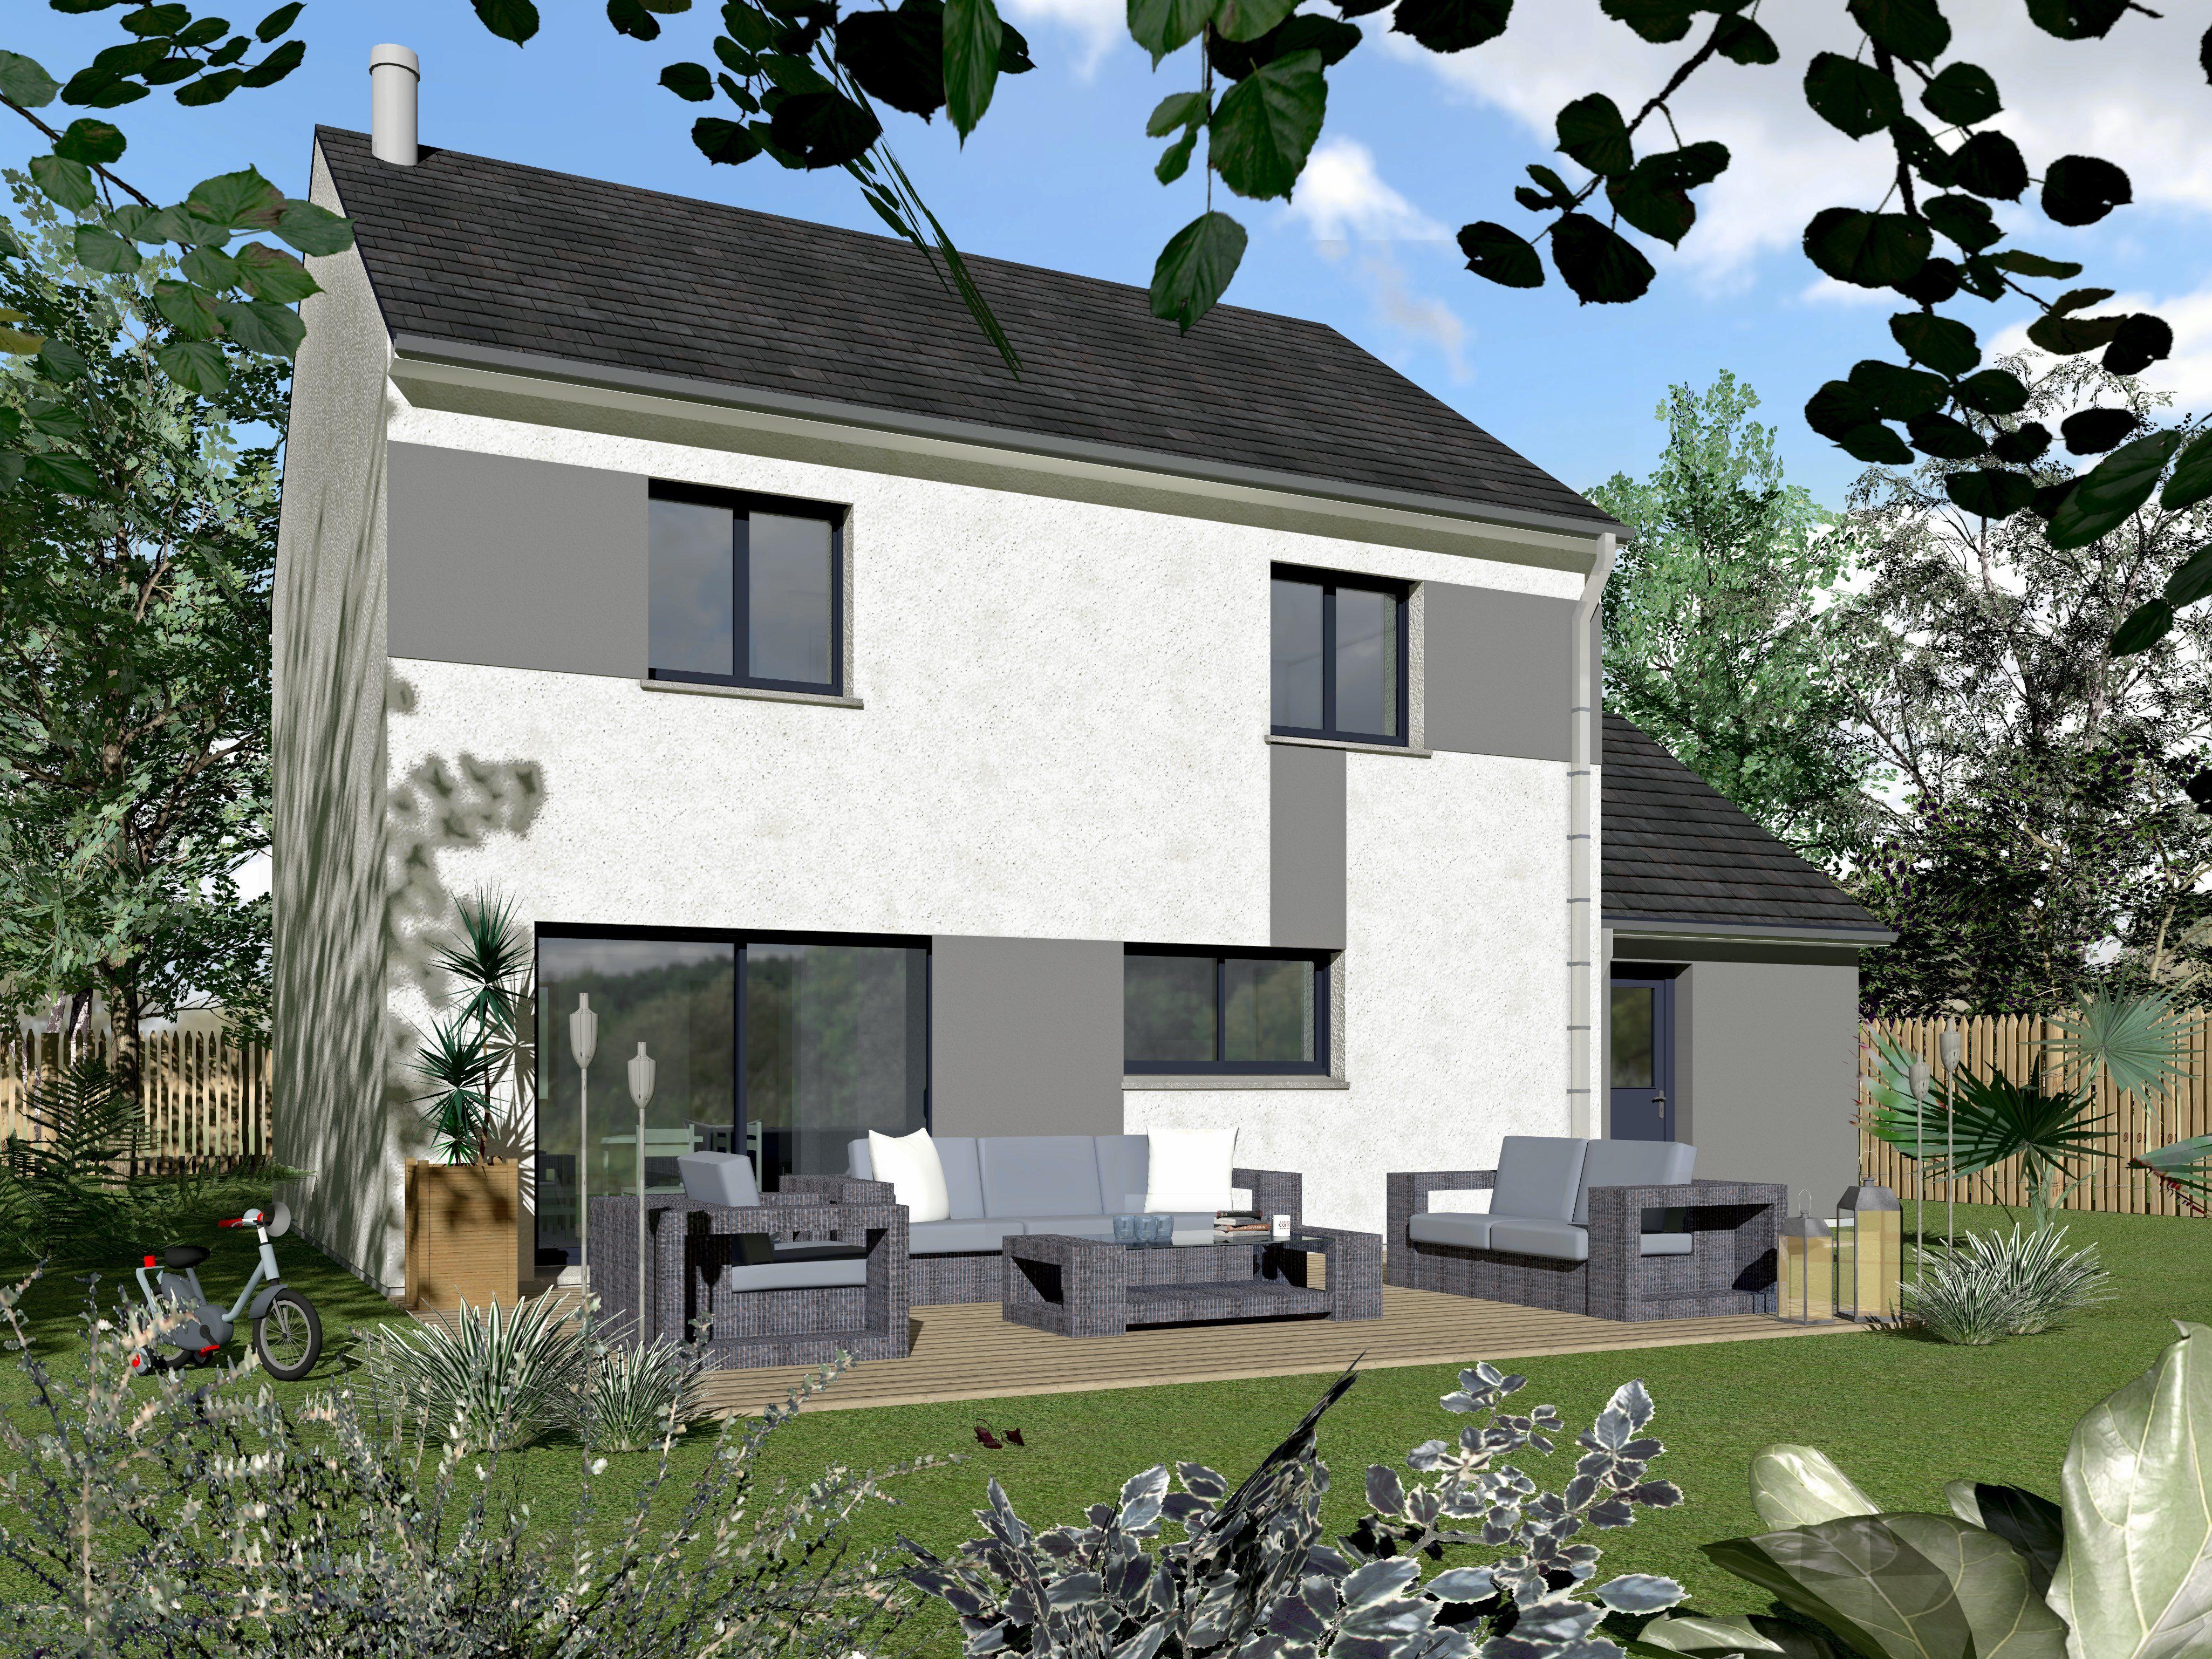 Maisons + Terrains du constructeur MAISONS VIVALIA • 105 m² • GRAND FOUGERAY